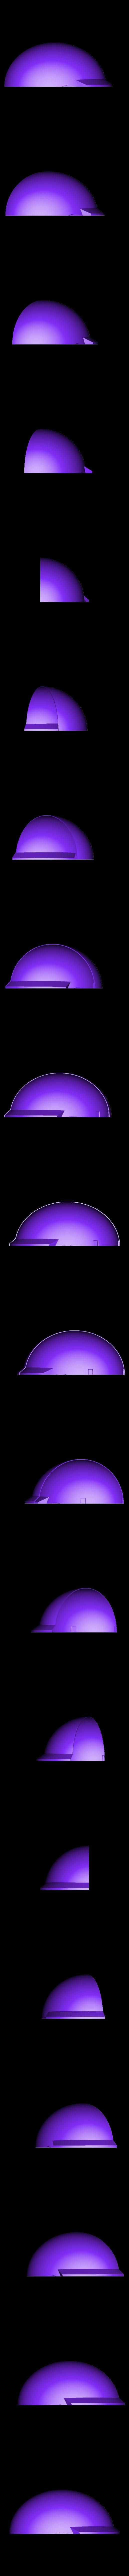 Top_head_right.stl Télécharger fichier STL gratuit Casque de disco • Objet pour imprimante 3D, Electromaker_Kits